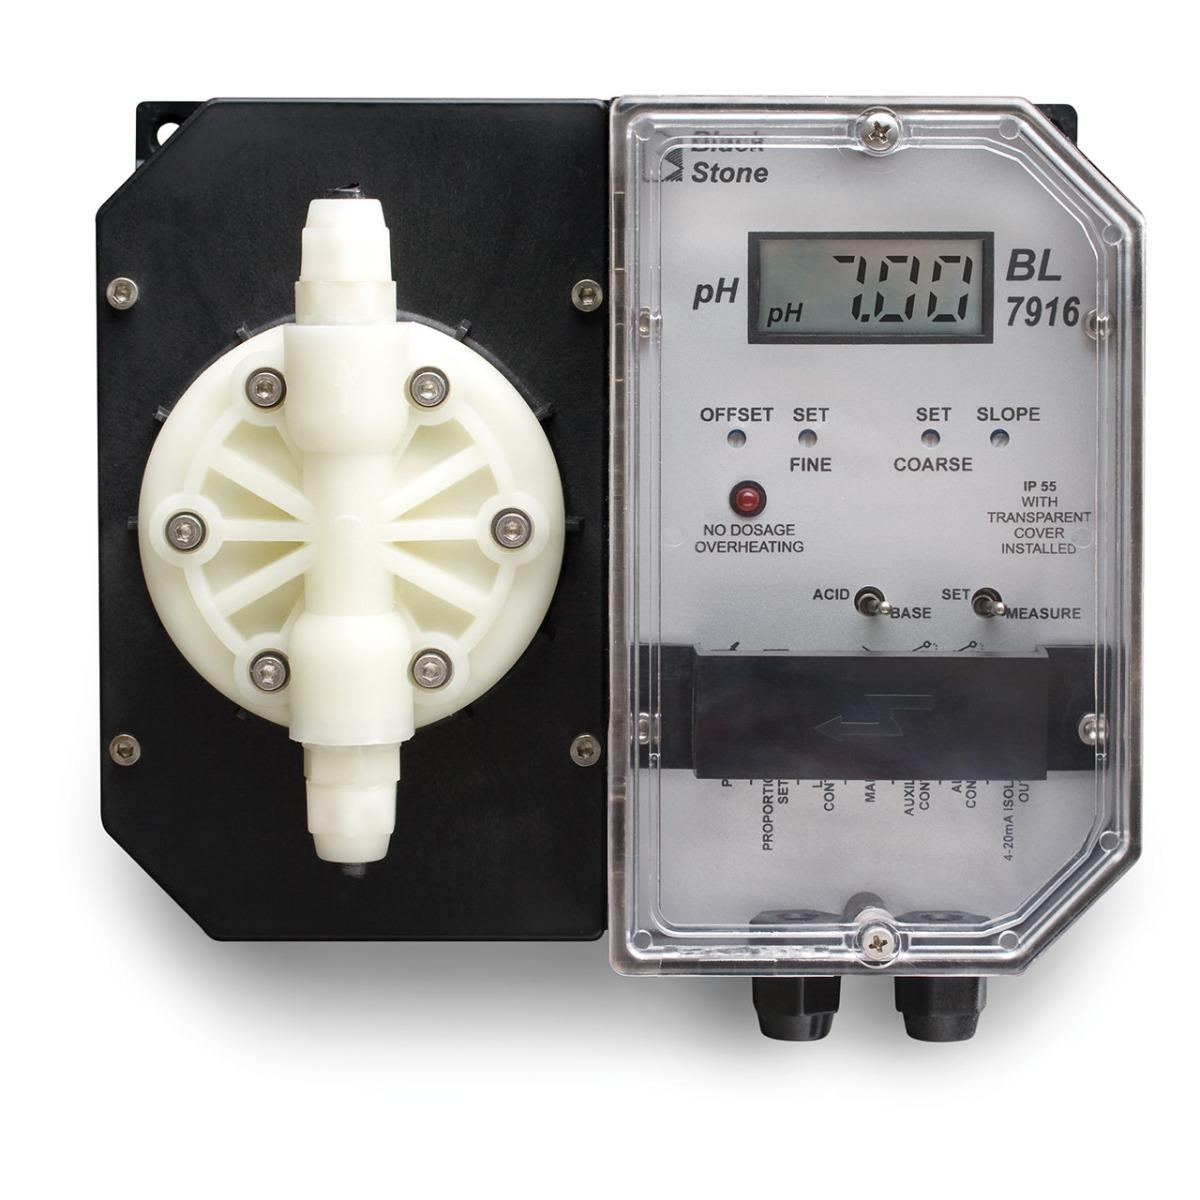 BL7916 - Pompa/regolatore pH, dosaggio proporzionale